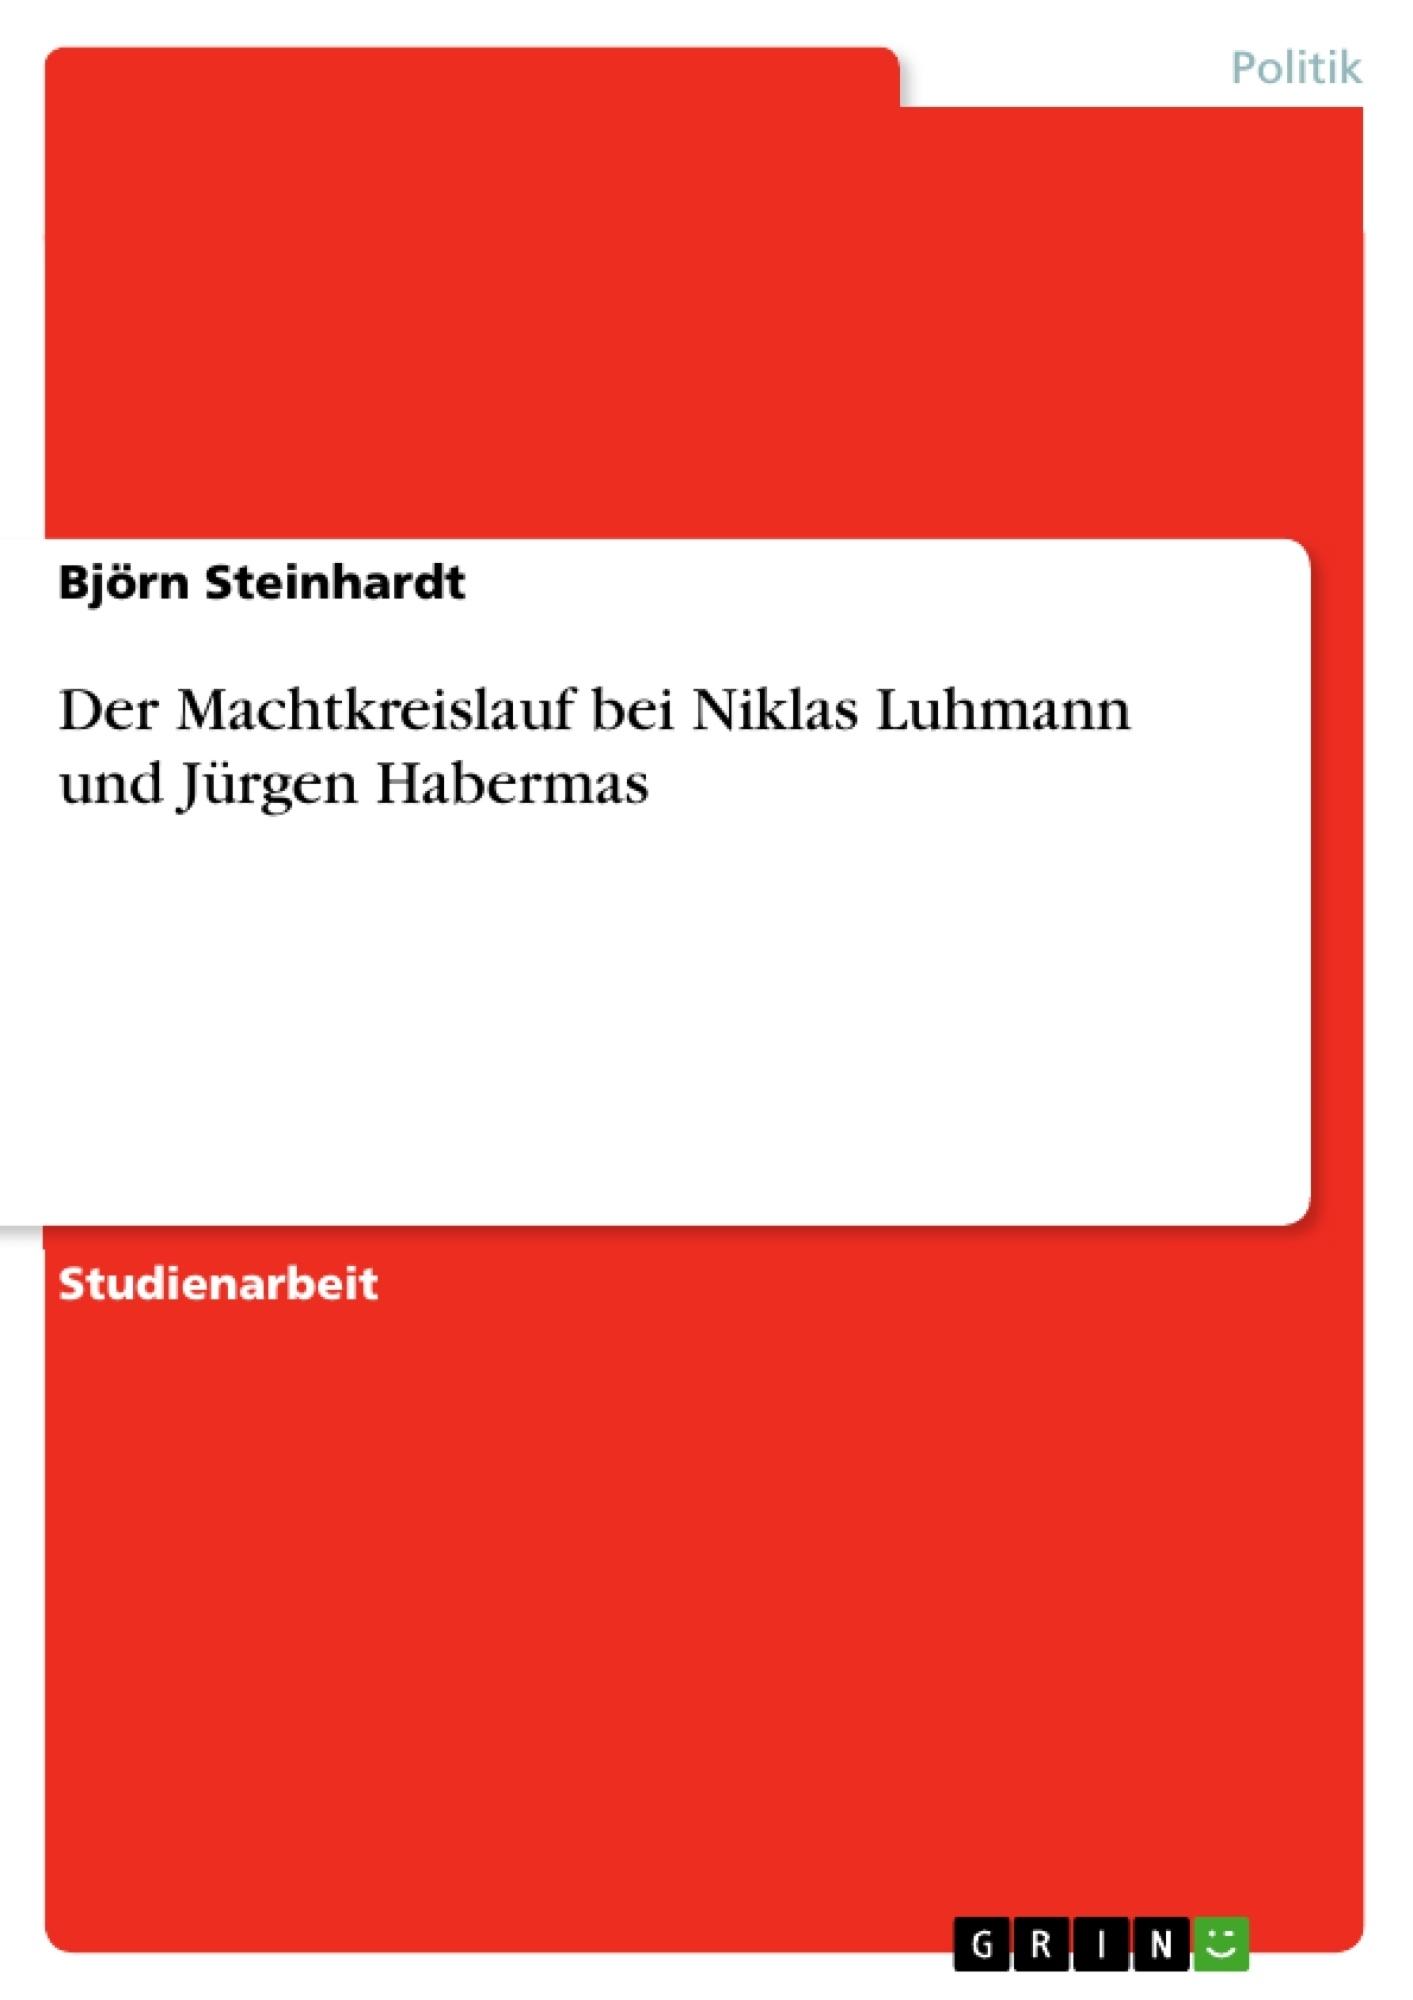 Titel: Der Machtkreislauf bei Niklas Luhmann und Jürgen Habermas